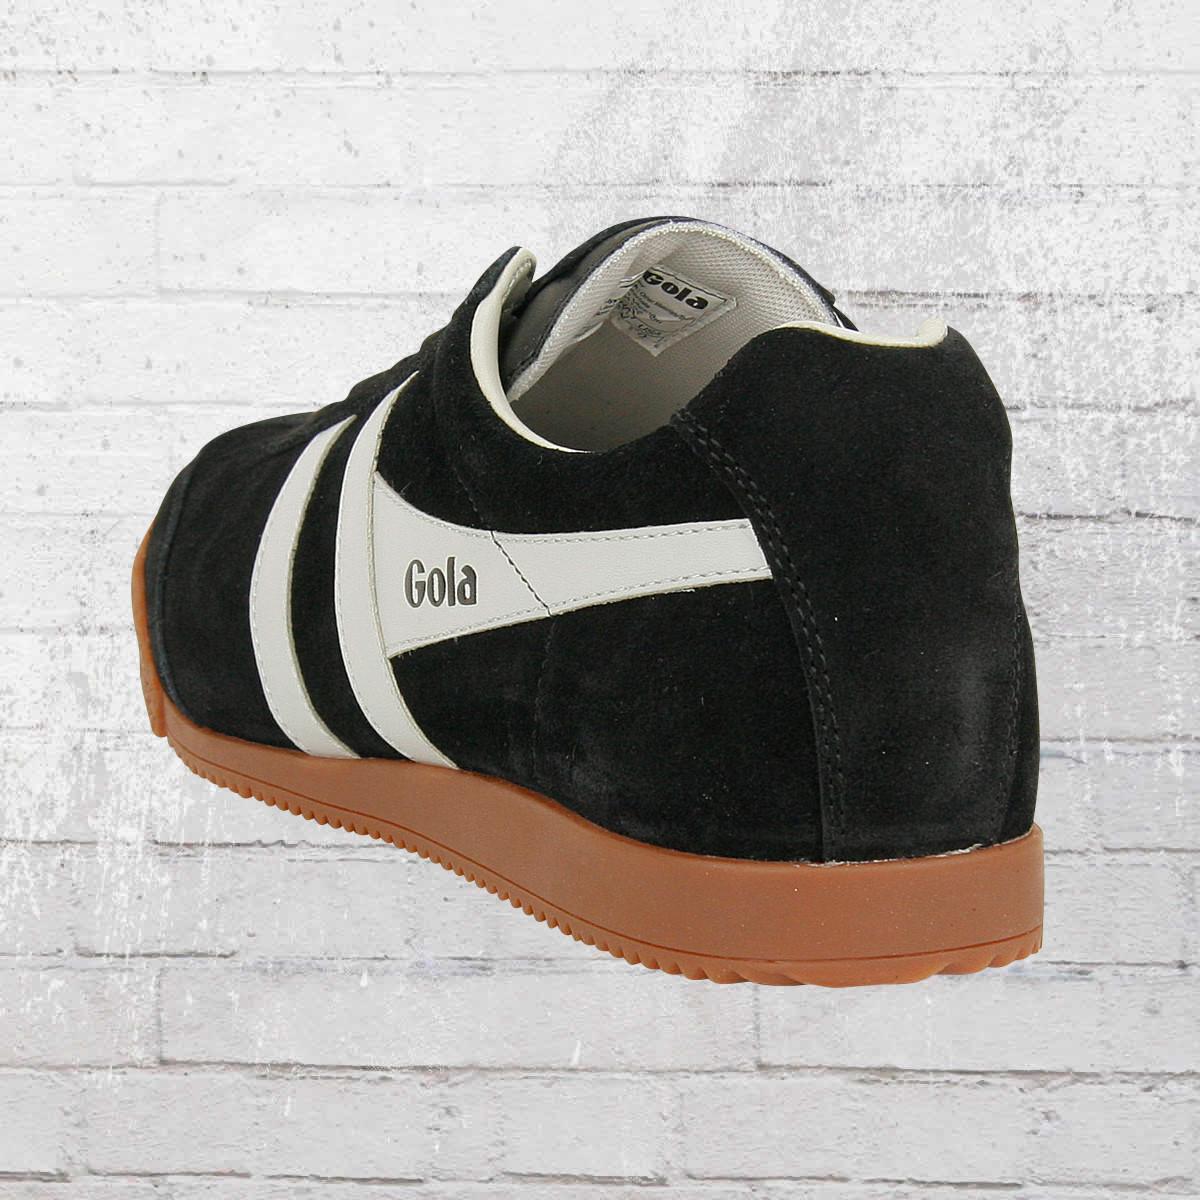 8394e8cb60a3 Jetzt bestellen   Gola Herren Schuhe Harrier Suede Retro Sneaker ...